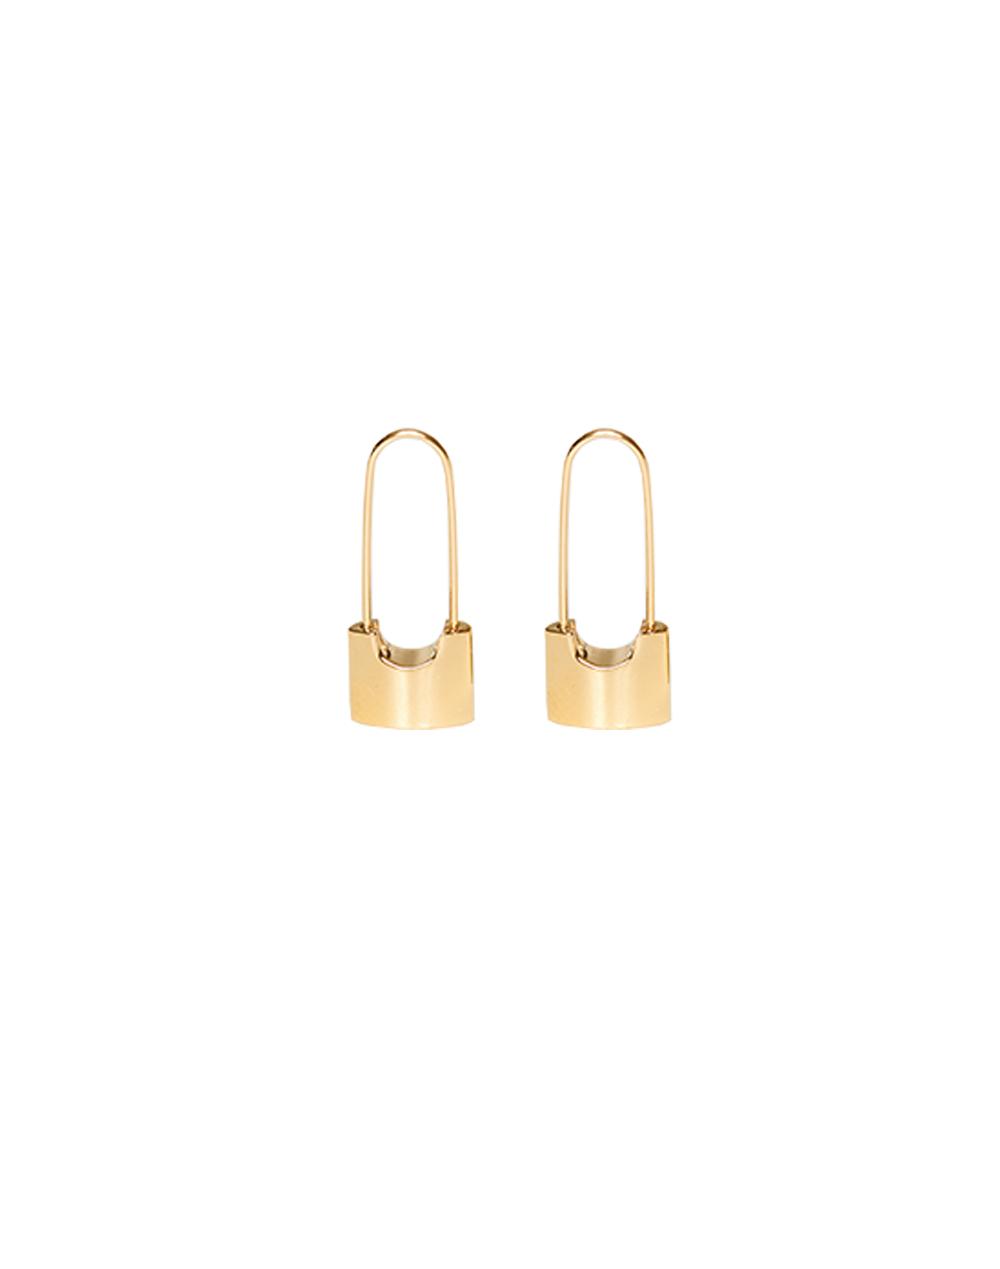 Paperclip earring-YUYU